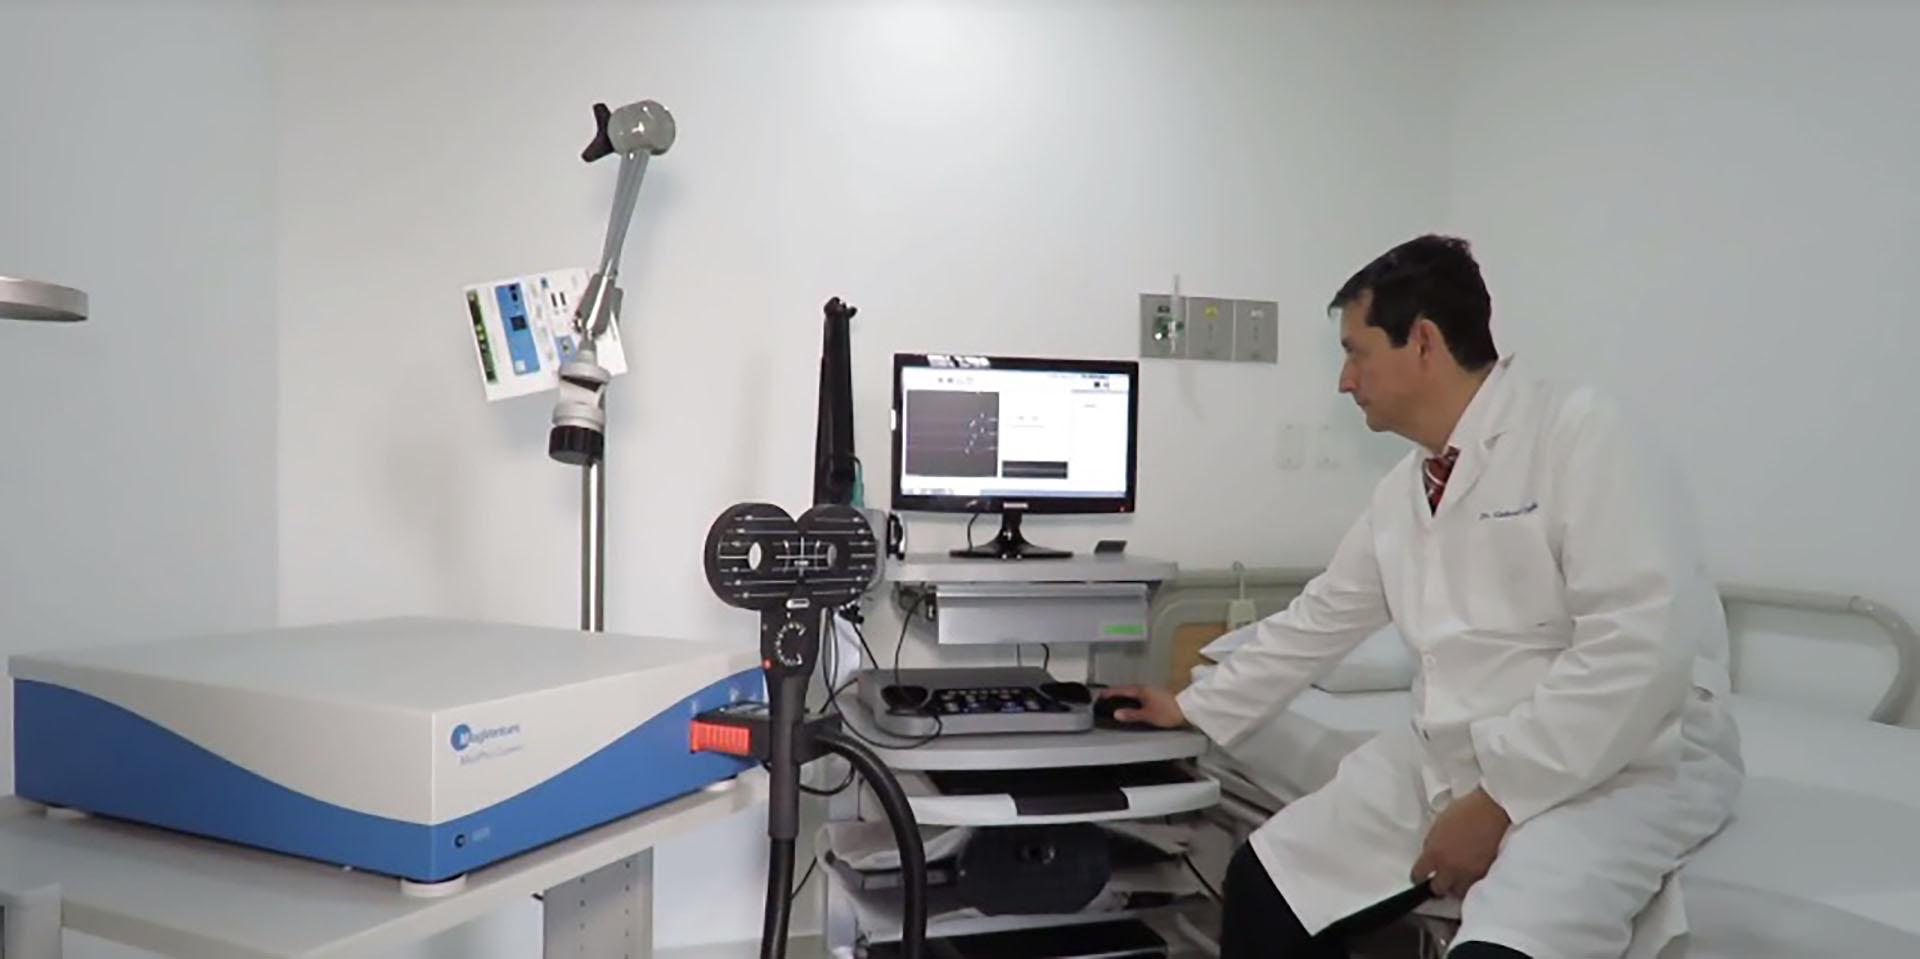 Ondasmagnética repetitiva aplicadas en el cerebro de los pacientes puede modificar la respuesta neuronal del cerebro encargada del movimiento y activar los músculos.